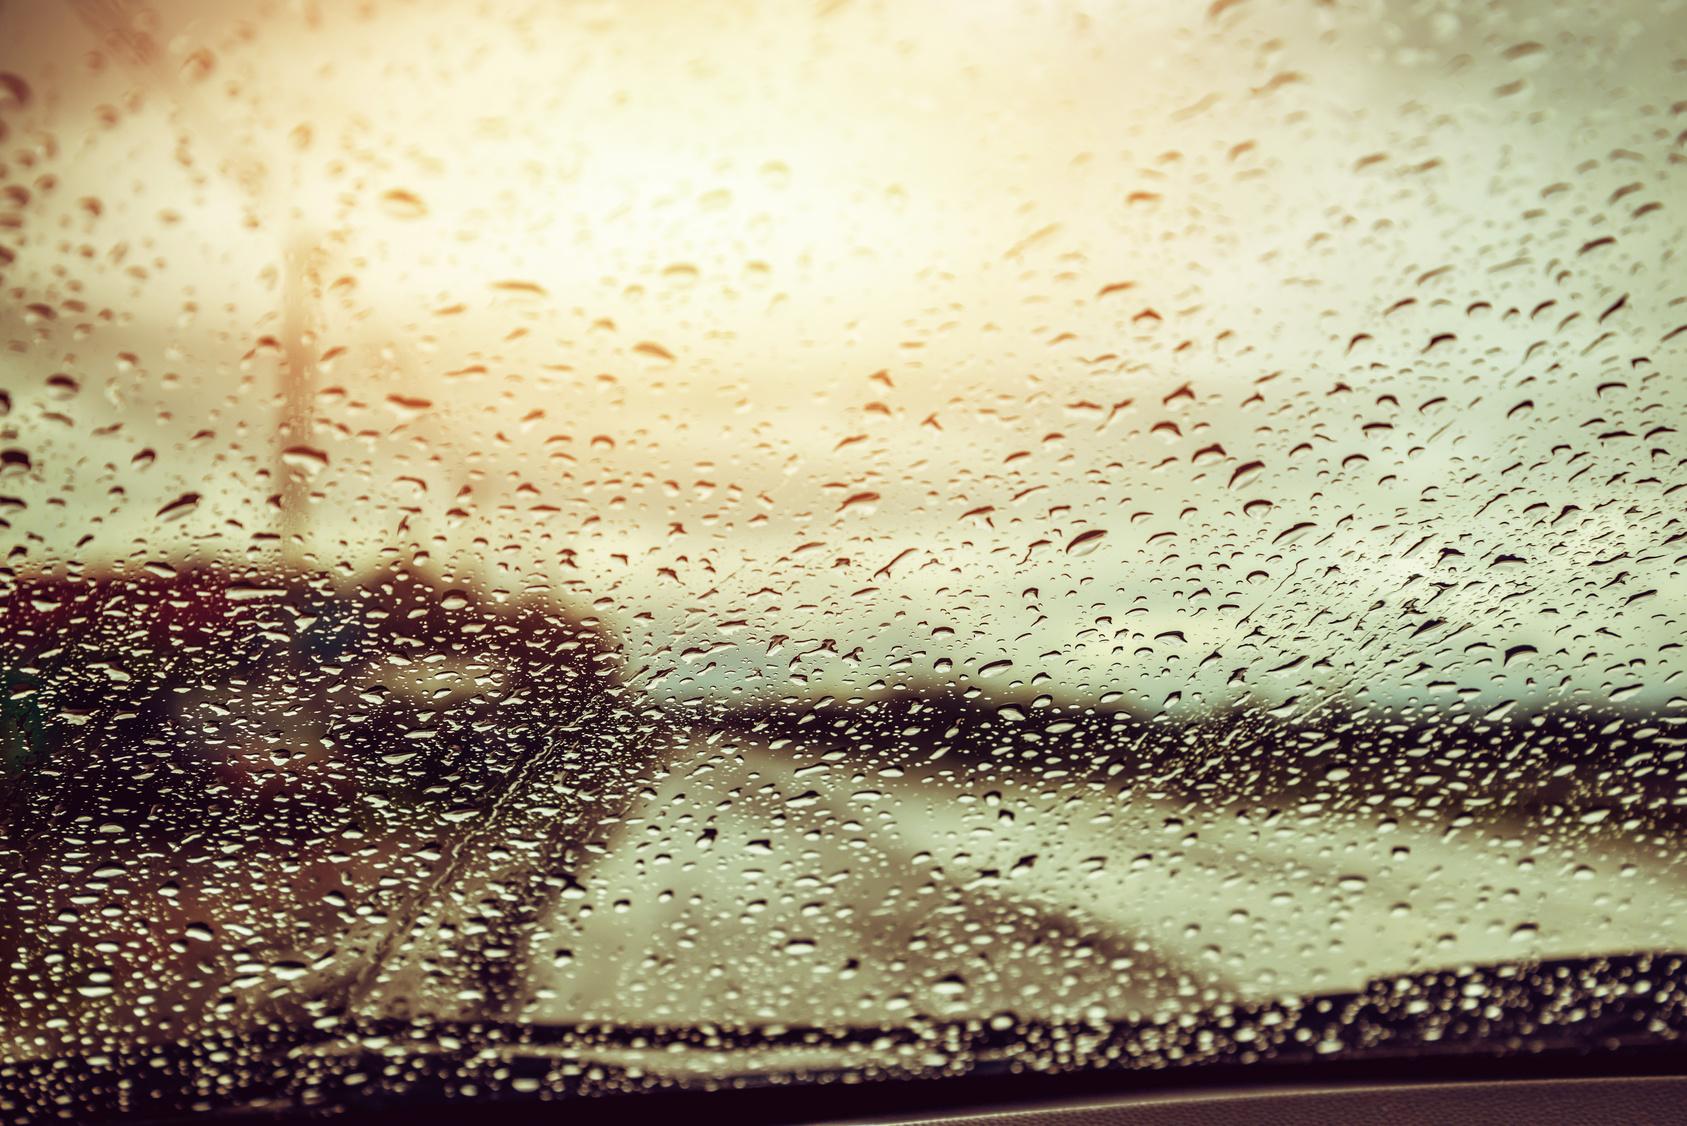 Sinnbild Regenwasser für Scheibenwaschanlage - Copyright last19 @ fotolia.com